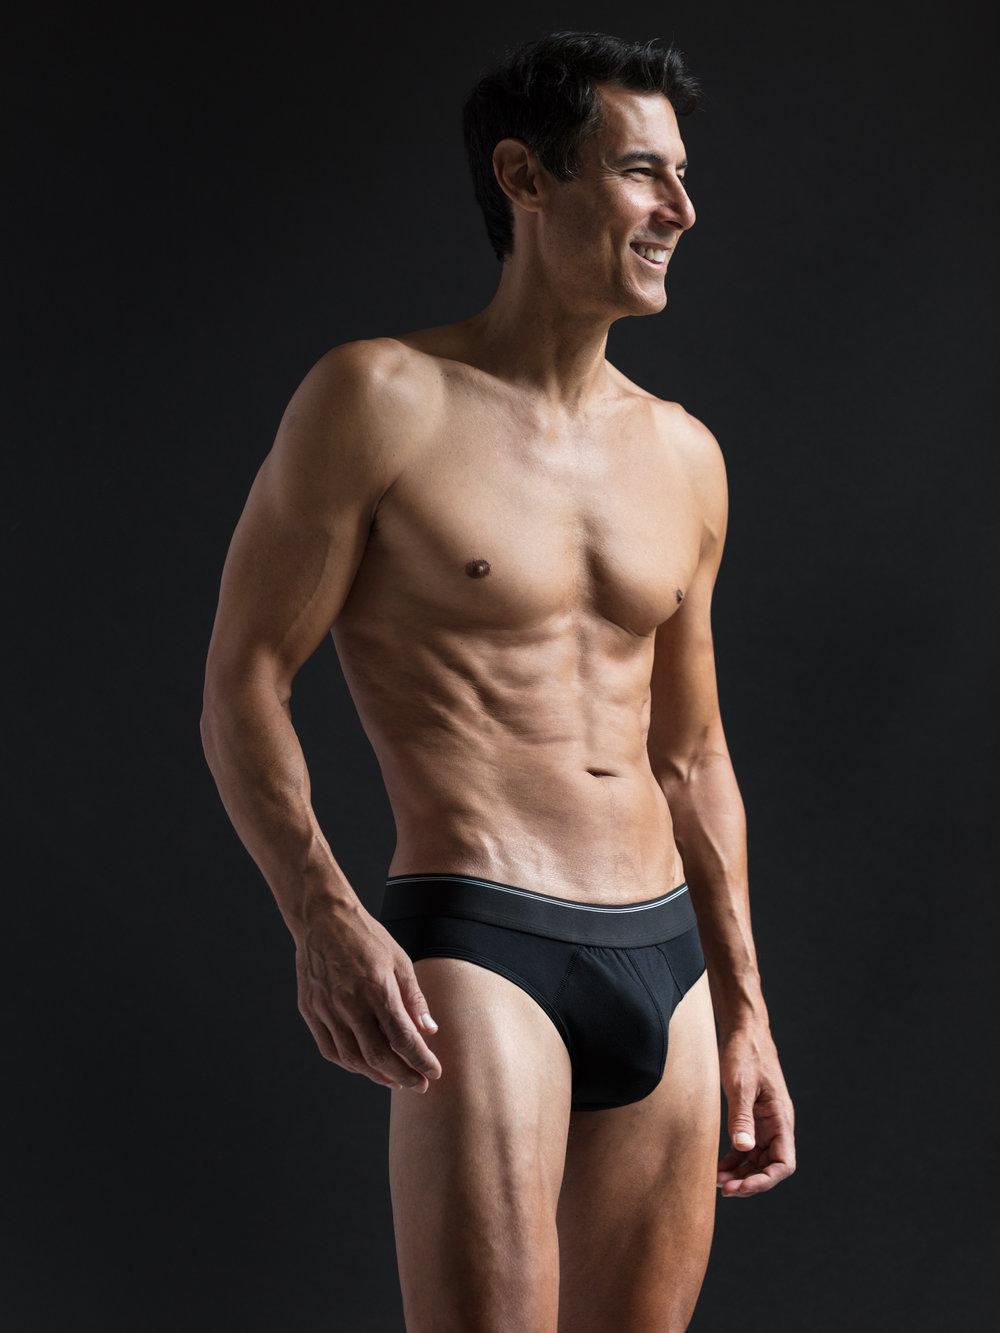 b79e0d7914f2-KMcD_black_underwear.jpg